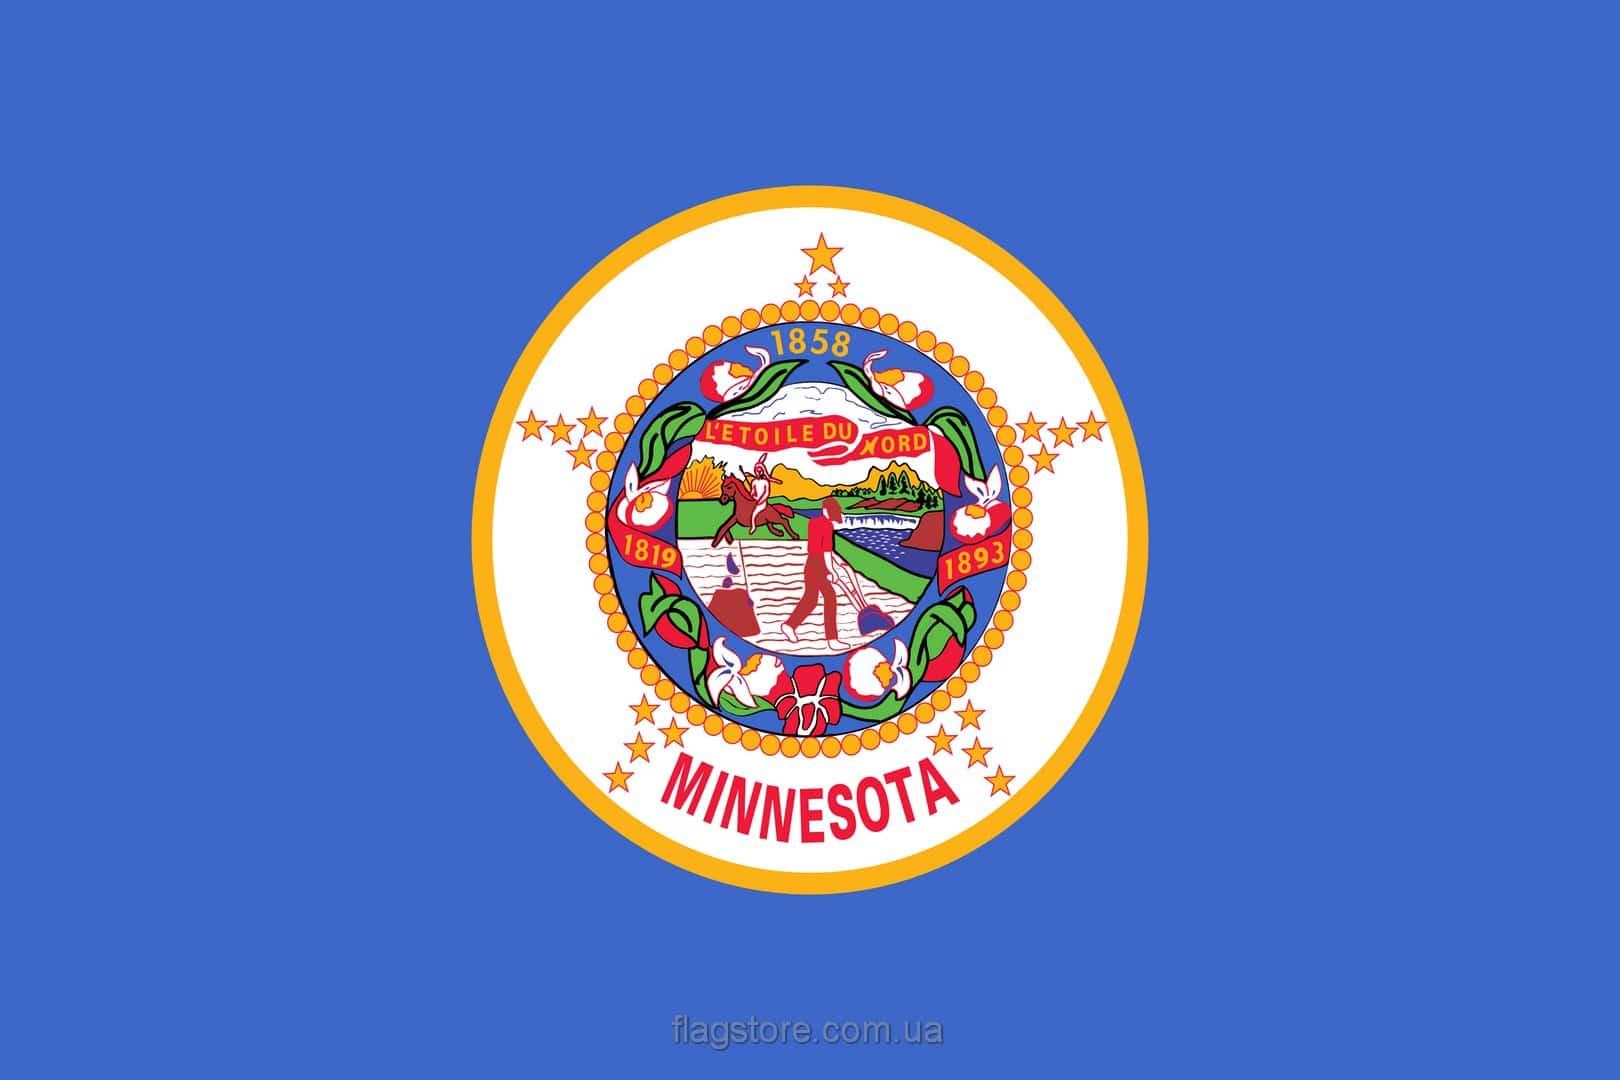 Купить флаг Миннесоты (штата Миннесота)